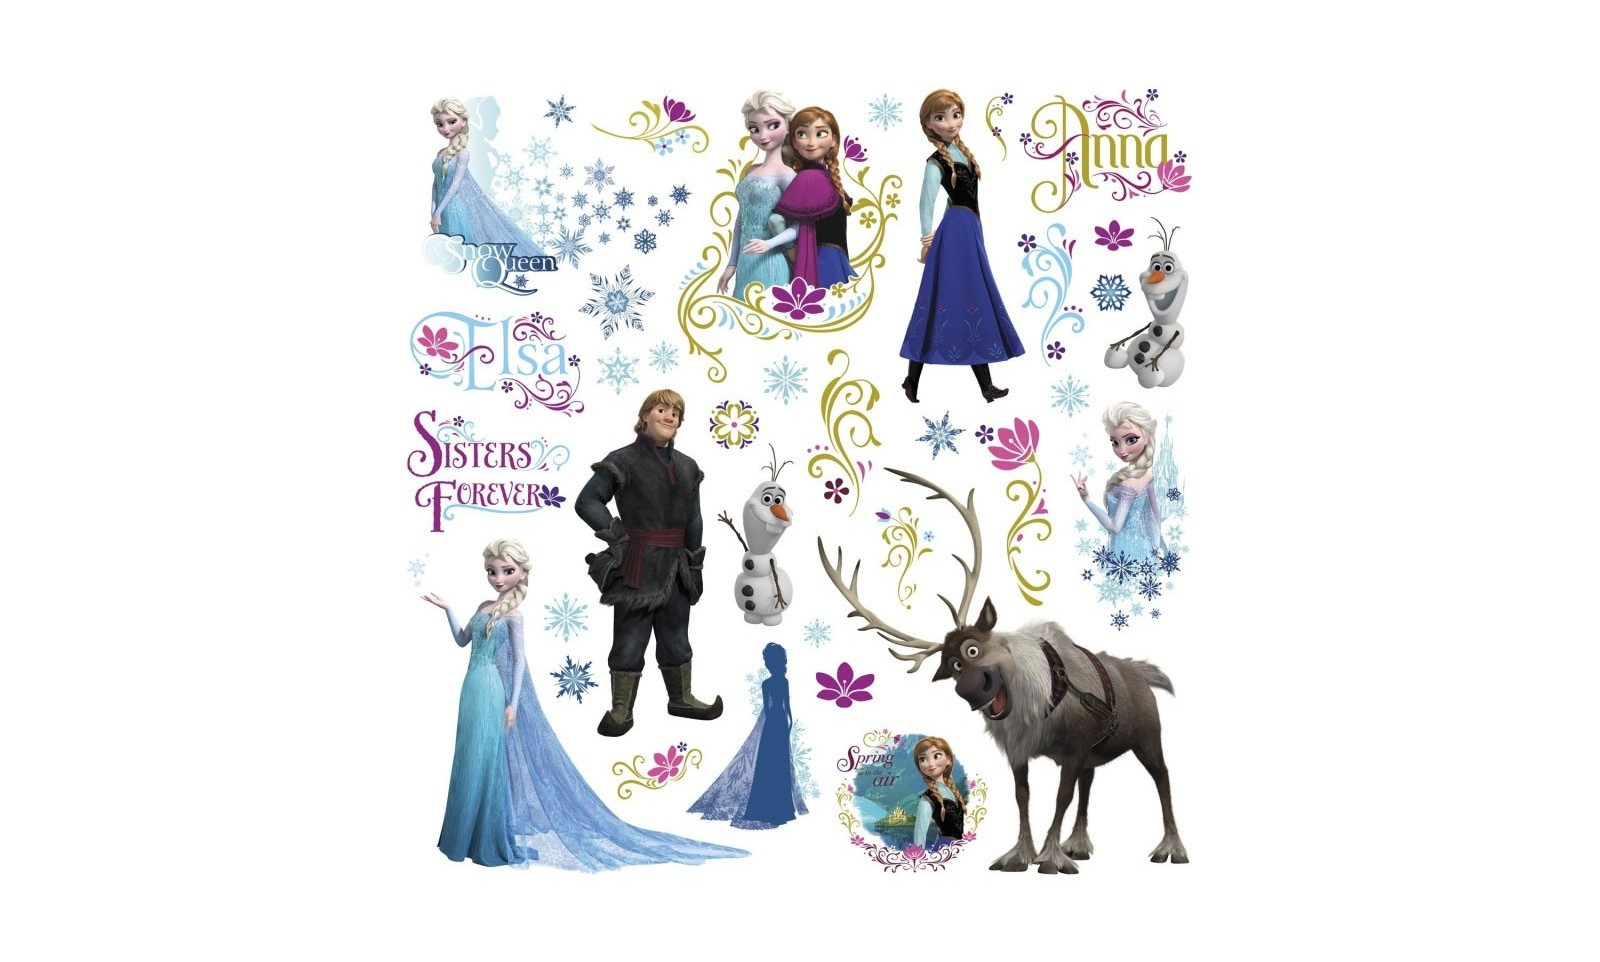 La reine des neiges stickers personnages d co film cin ma - Personnages reine des neiges ...